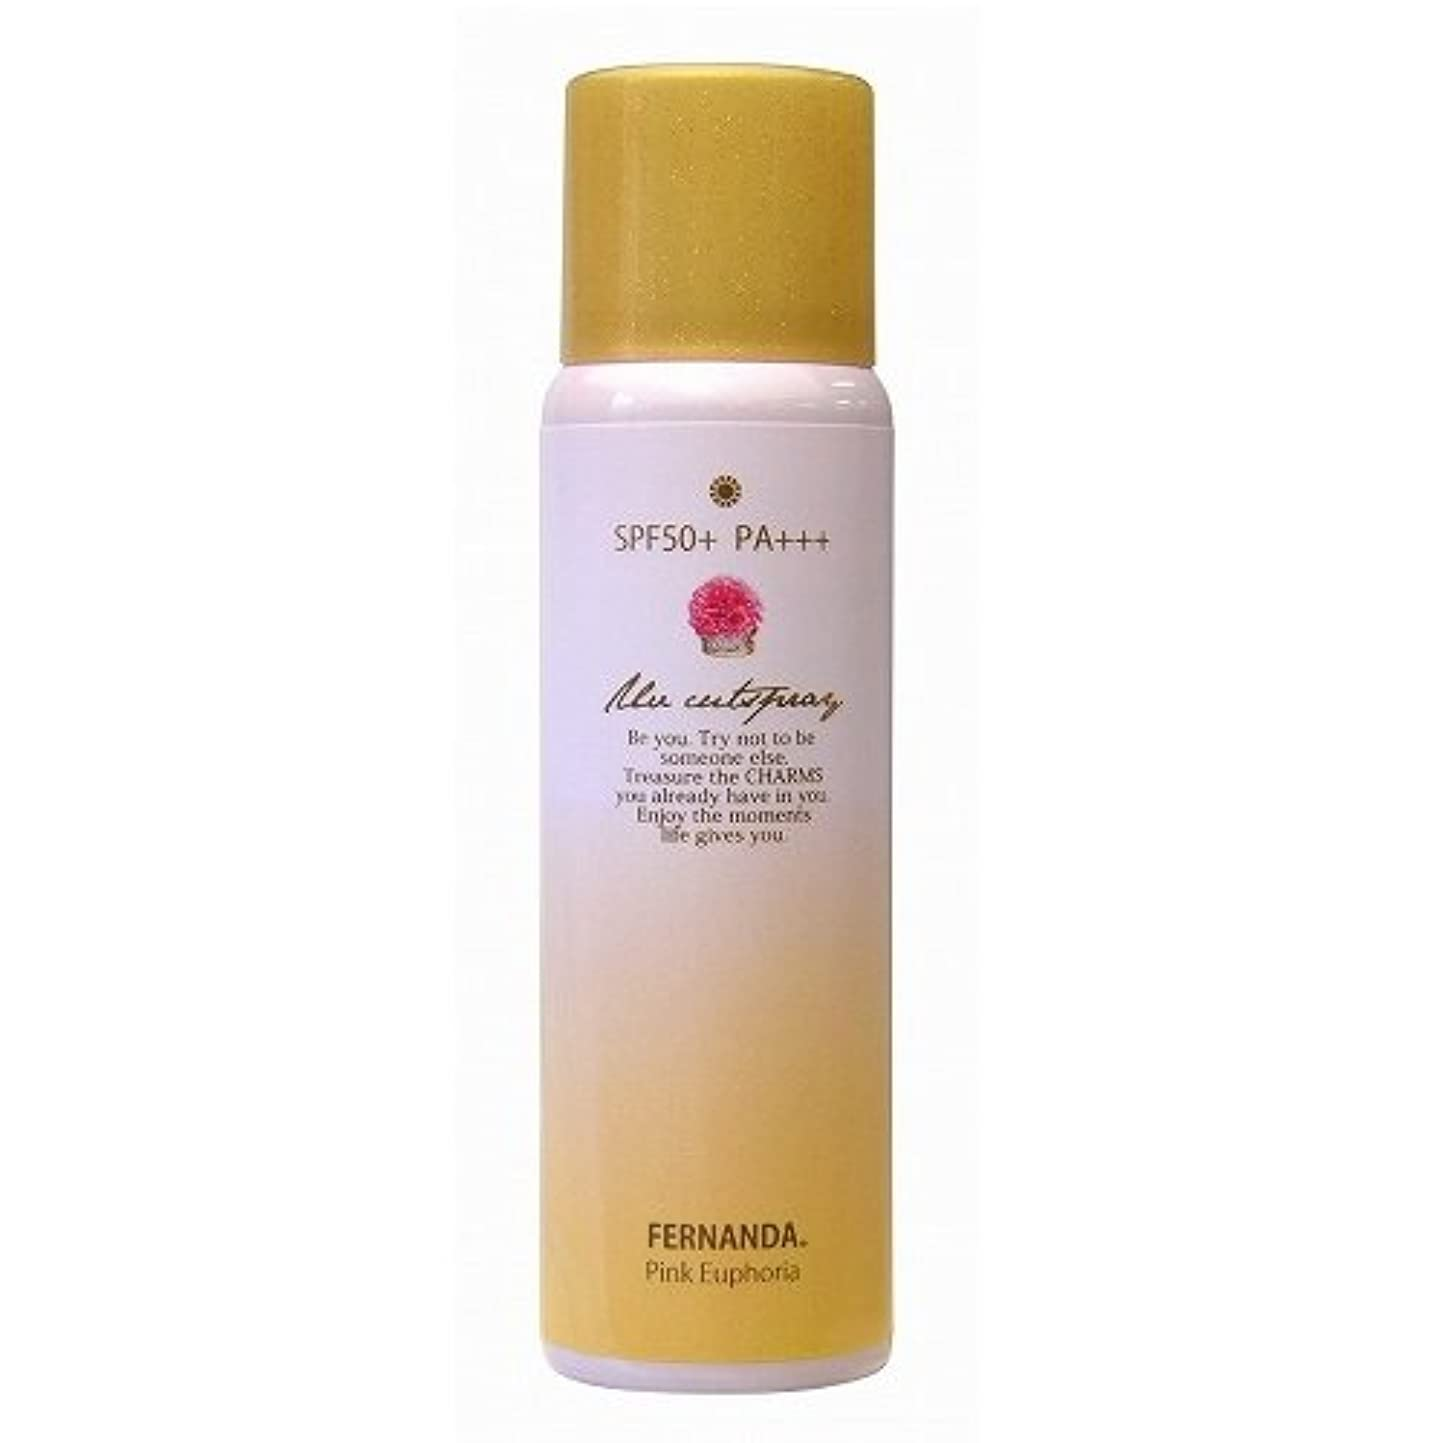 報復する困難敵対的FERNANDA(フェルナンダ) UV CUT Spray Pink Euphoria〈SPF50+ PA+++〉 (UVカット スプレー ピンクエウフォリア)